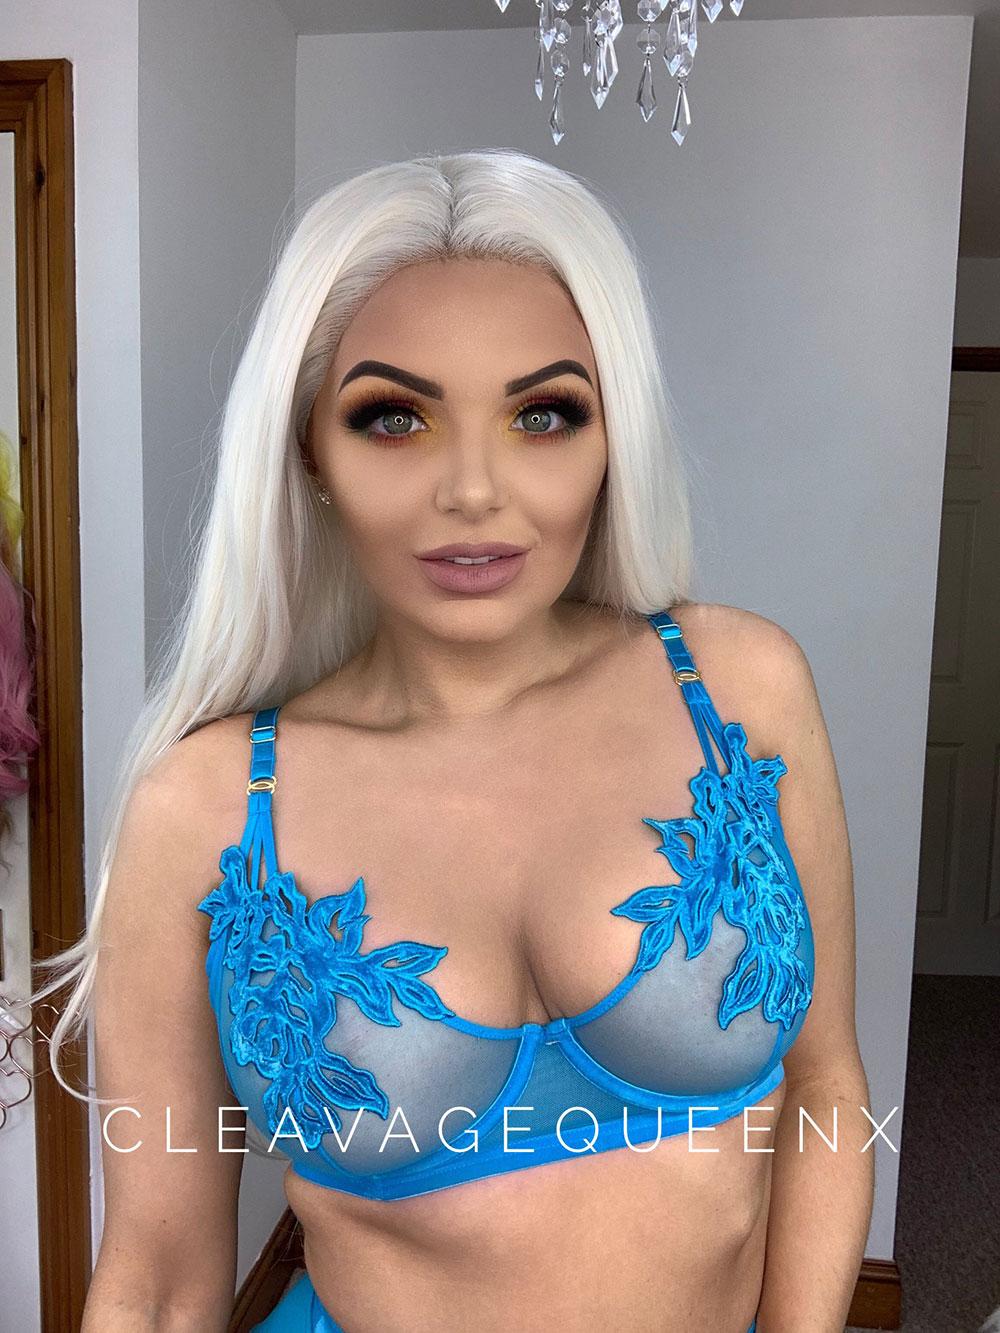 gemma lago cleavage queen